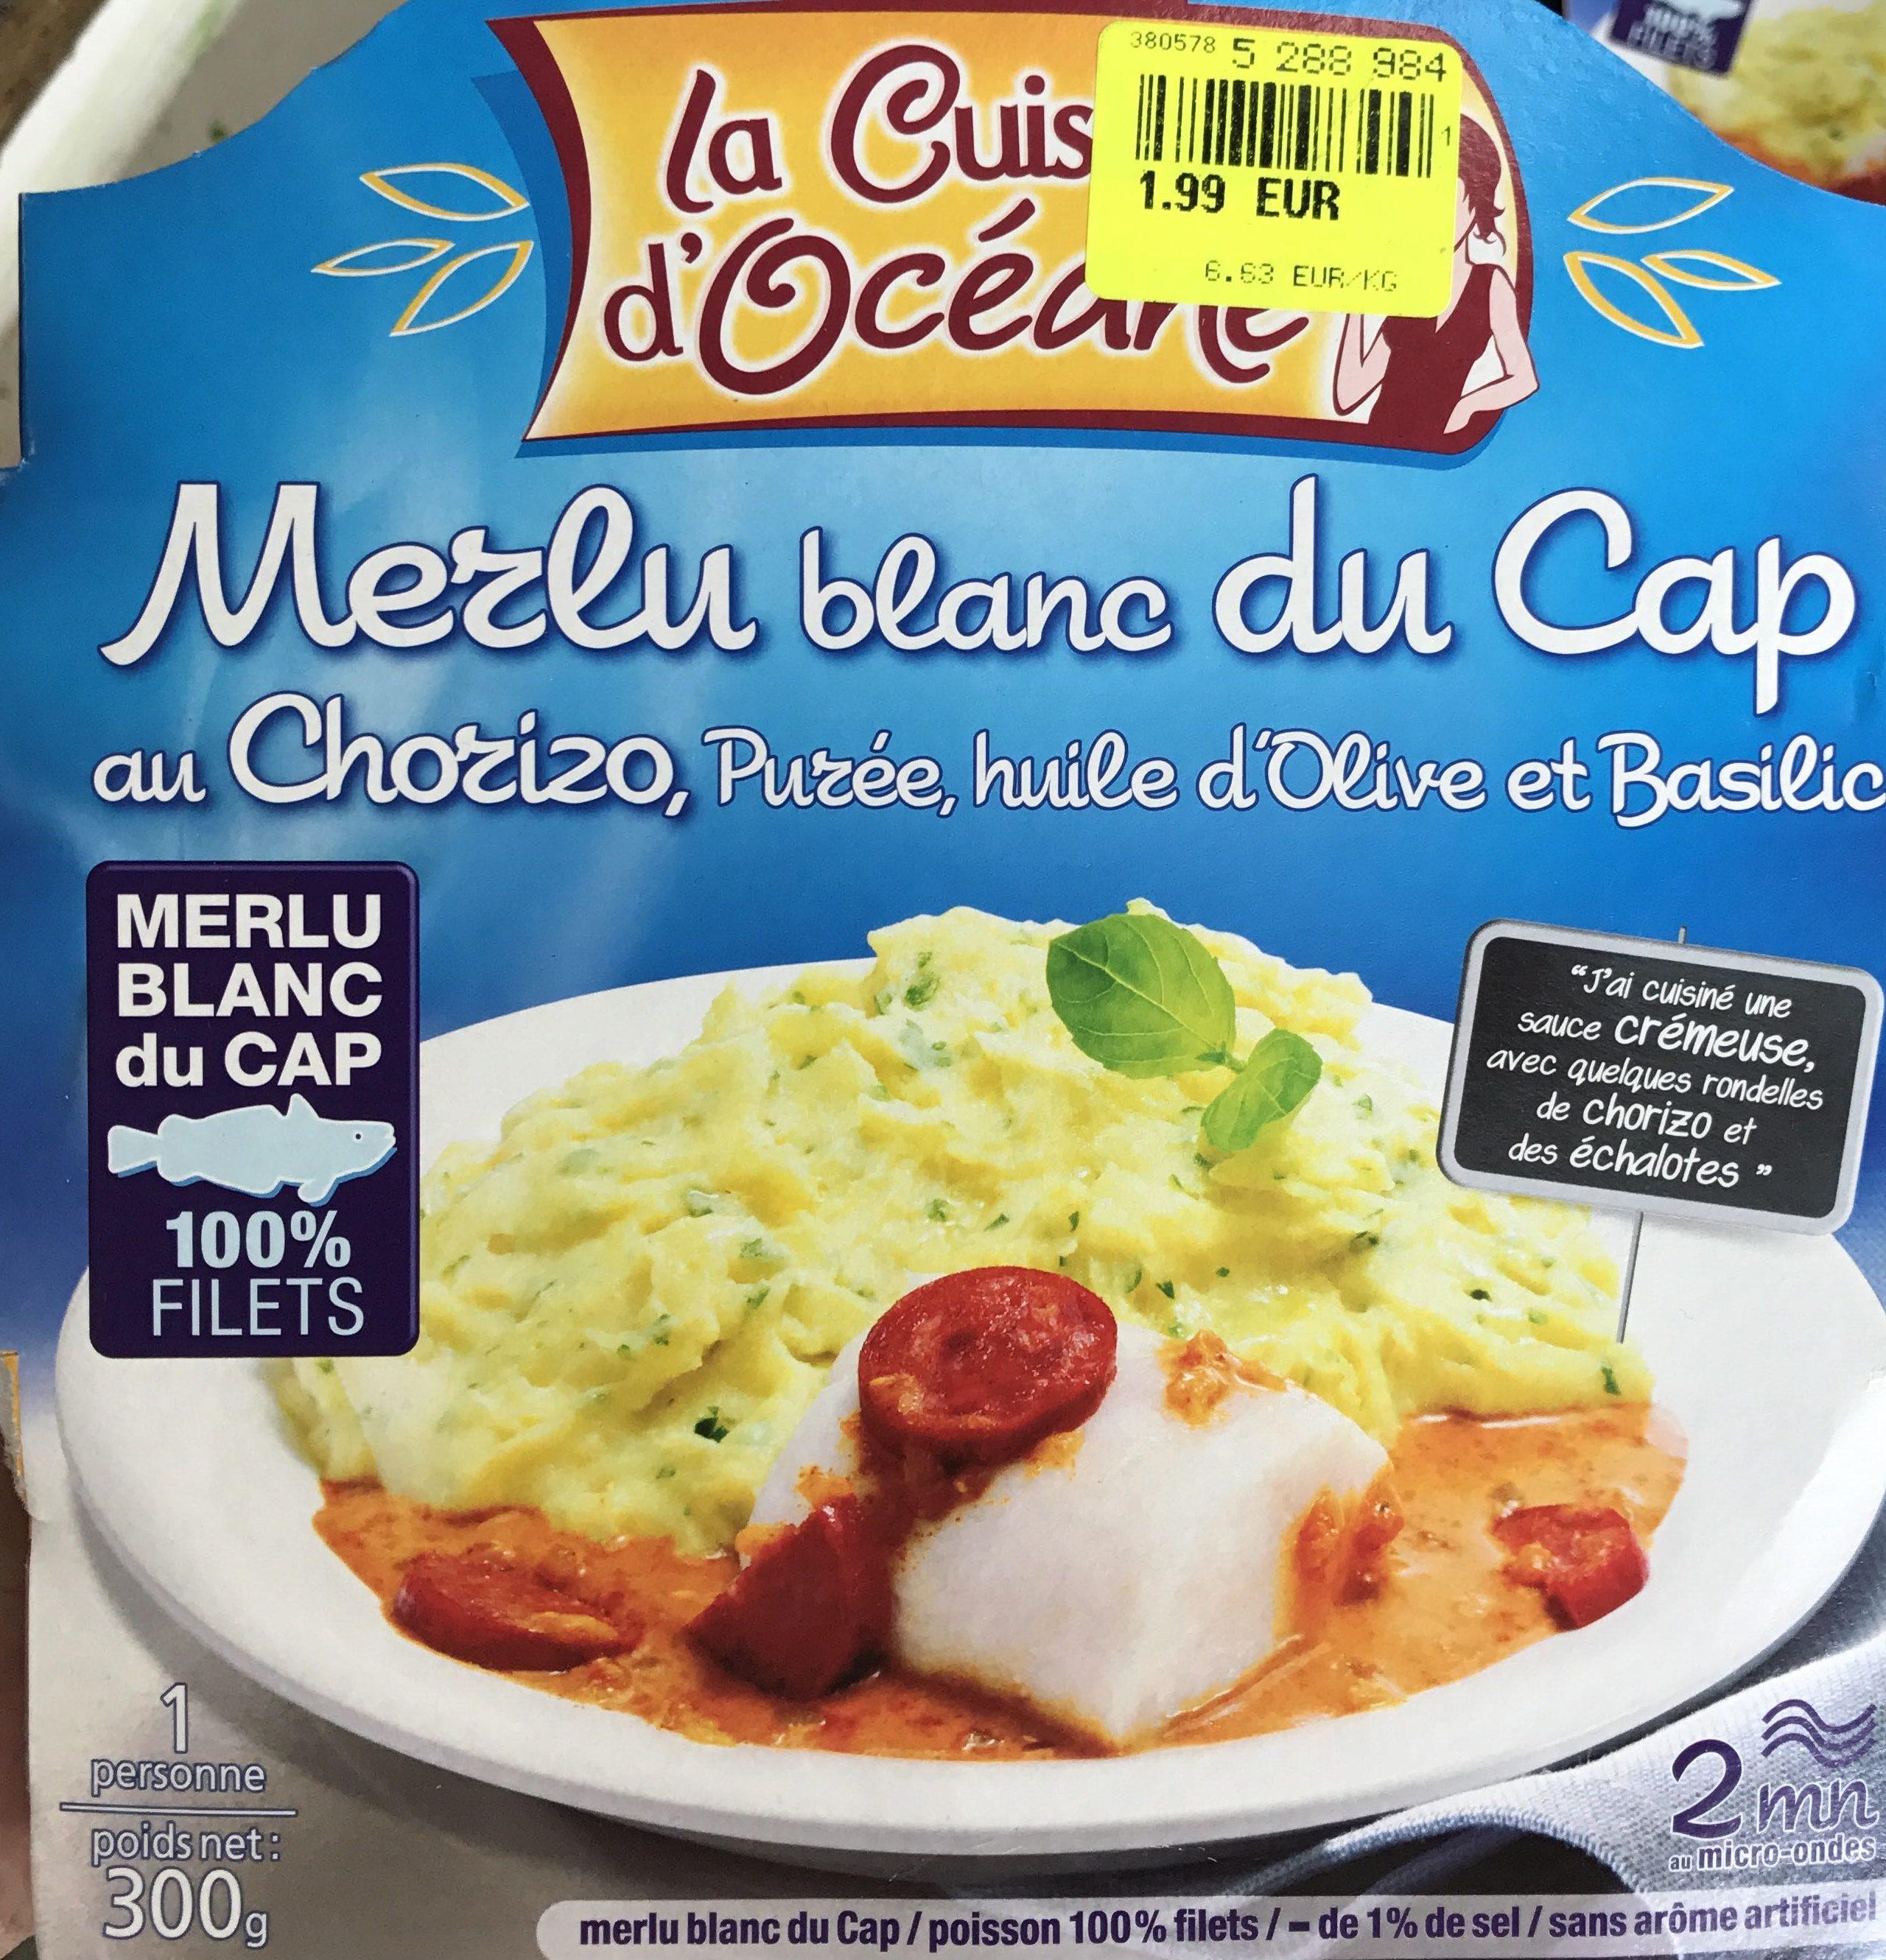 Merlu blanc du Cap au Chorizo, purée, huile d'olive et basilic - Produit - fr